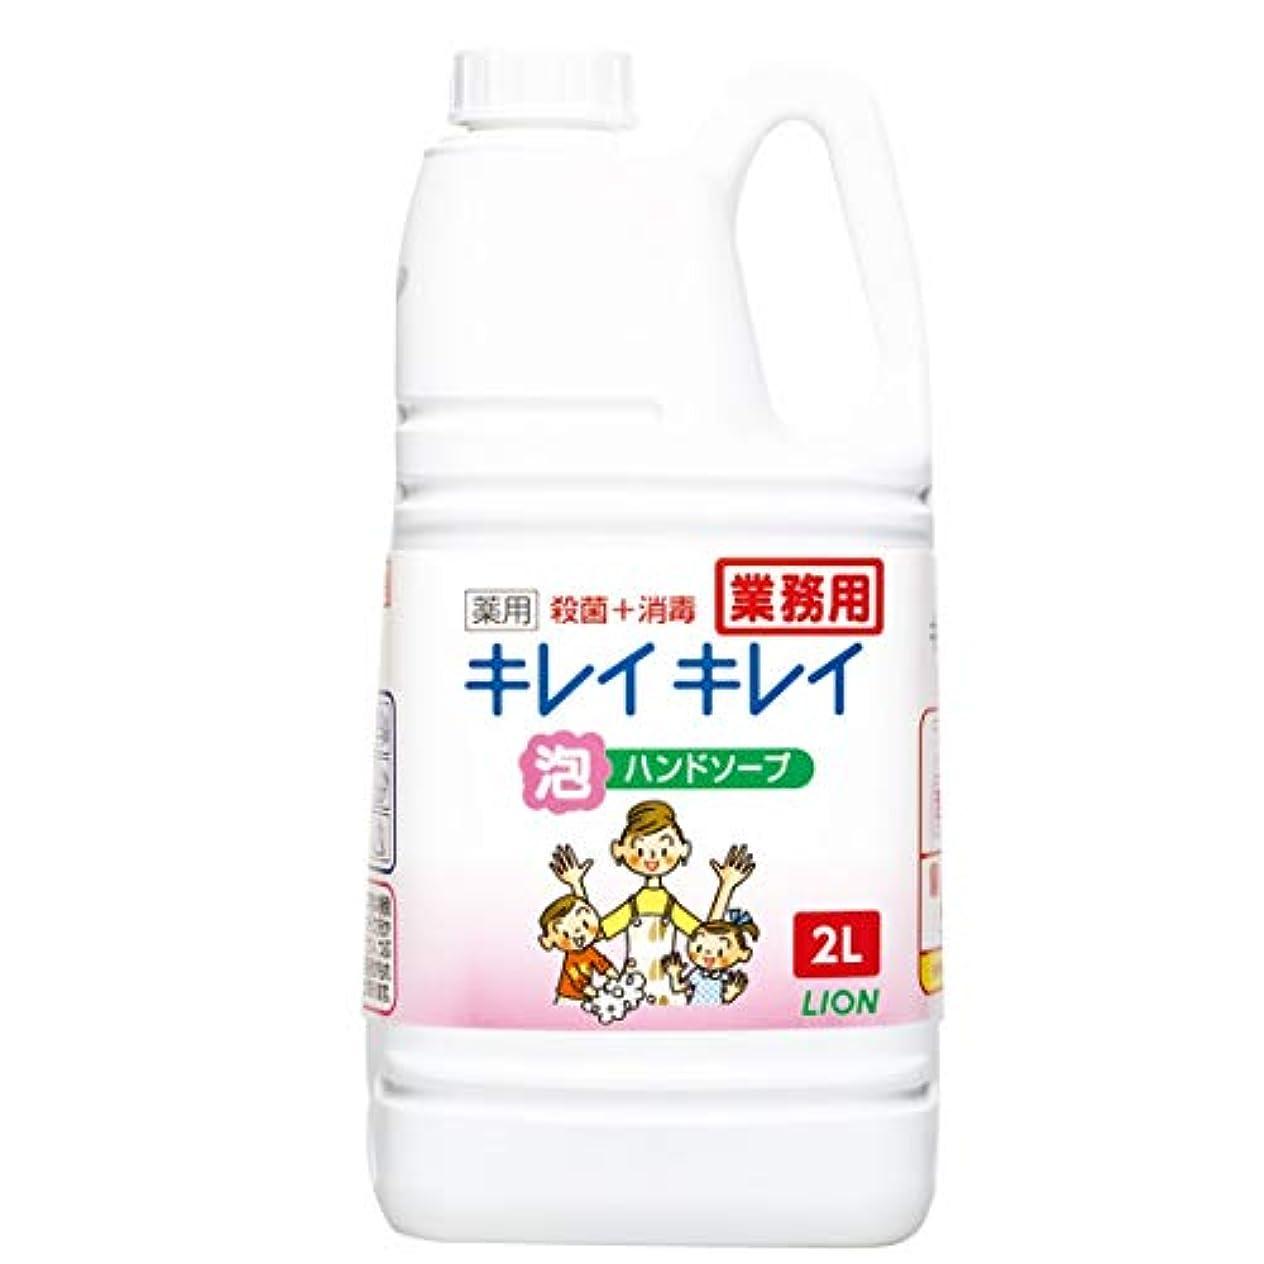 むしゃむしゃ純度バス【業務用 大容量】キレイキレイ 薬用 泡ハンドソープ シトラスフルーティの香り 2L (医薬部外品) 液体 単品